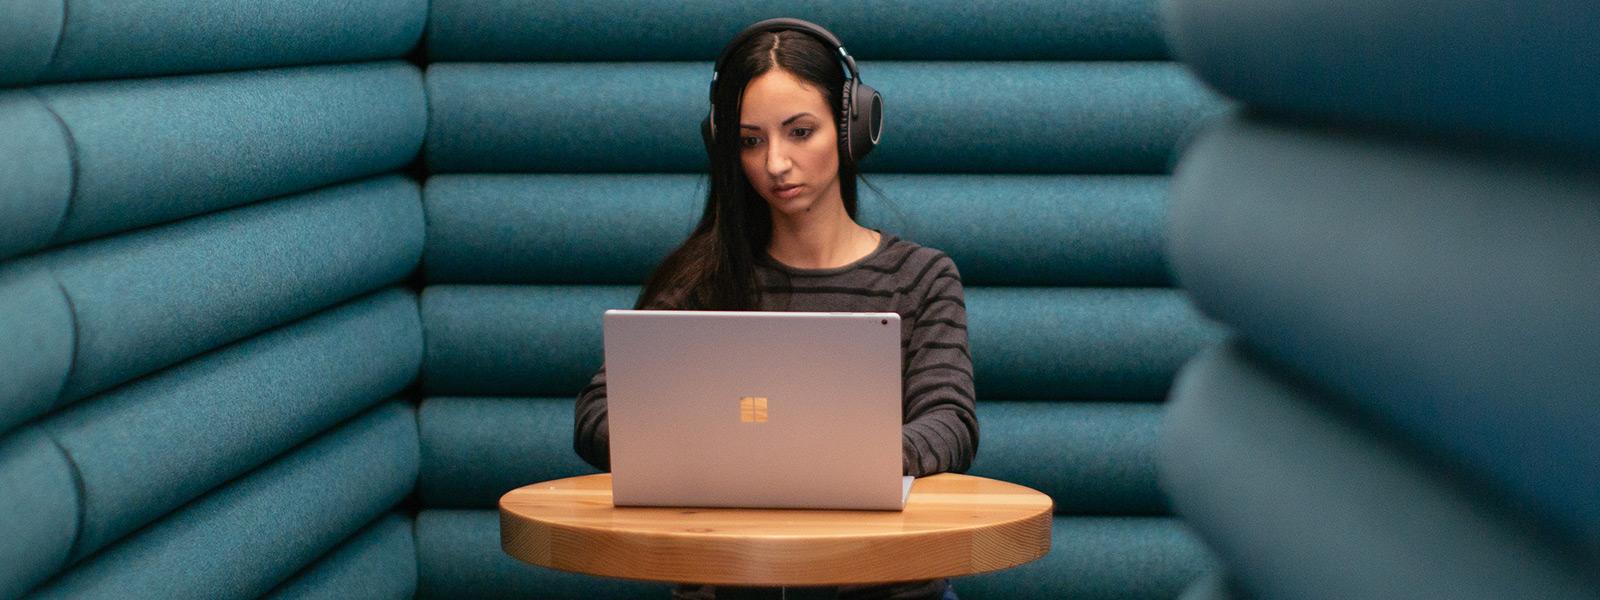 혼자 조용히 앉아 헤드폰을 쓰고 Windows 10 컴퓨터에서 작업 중인 여성